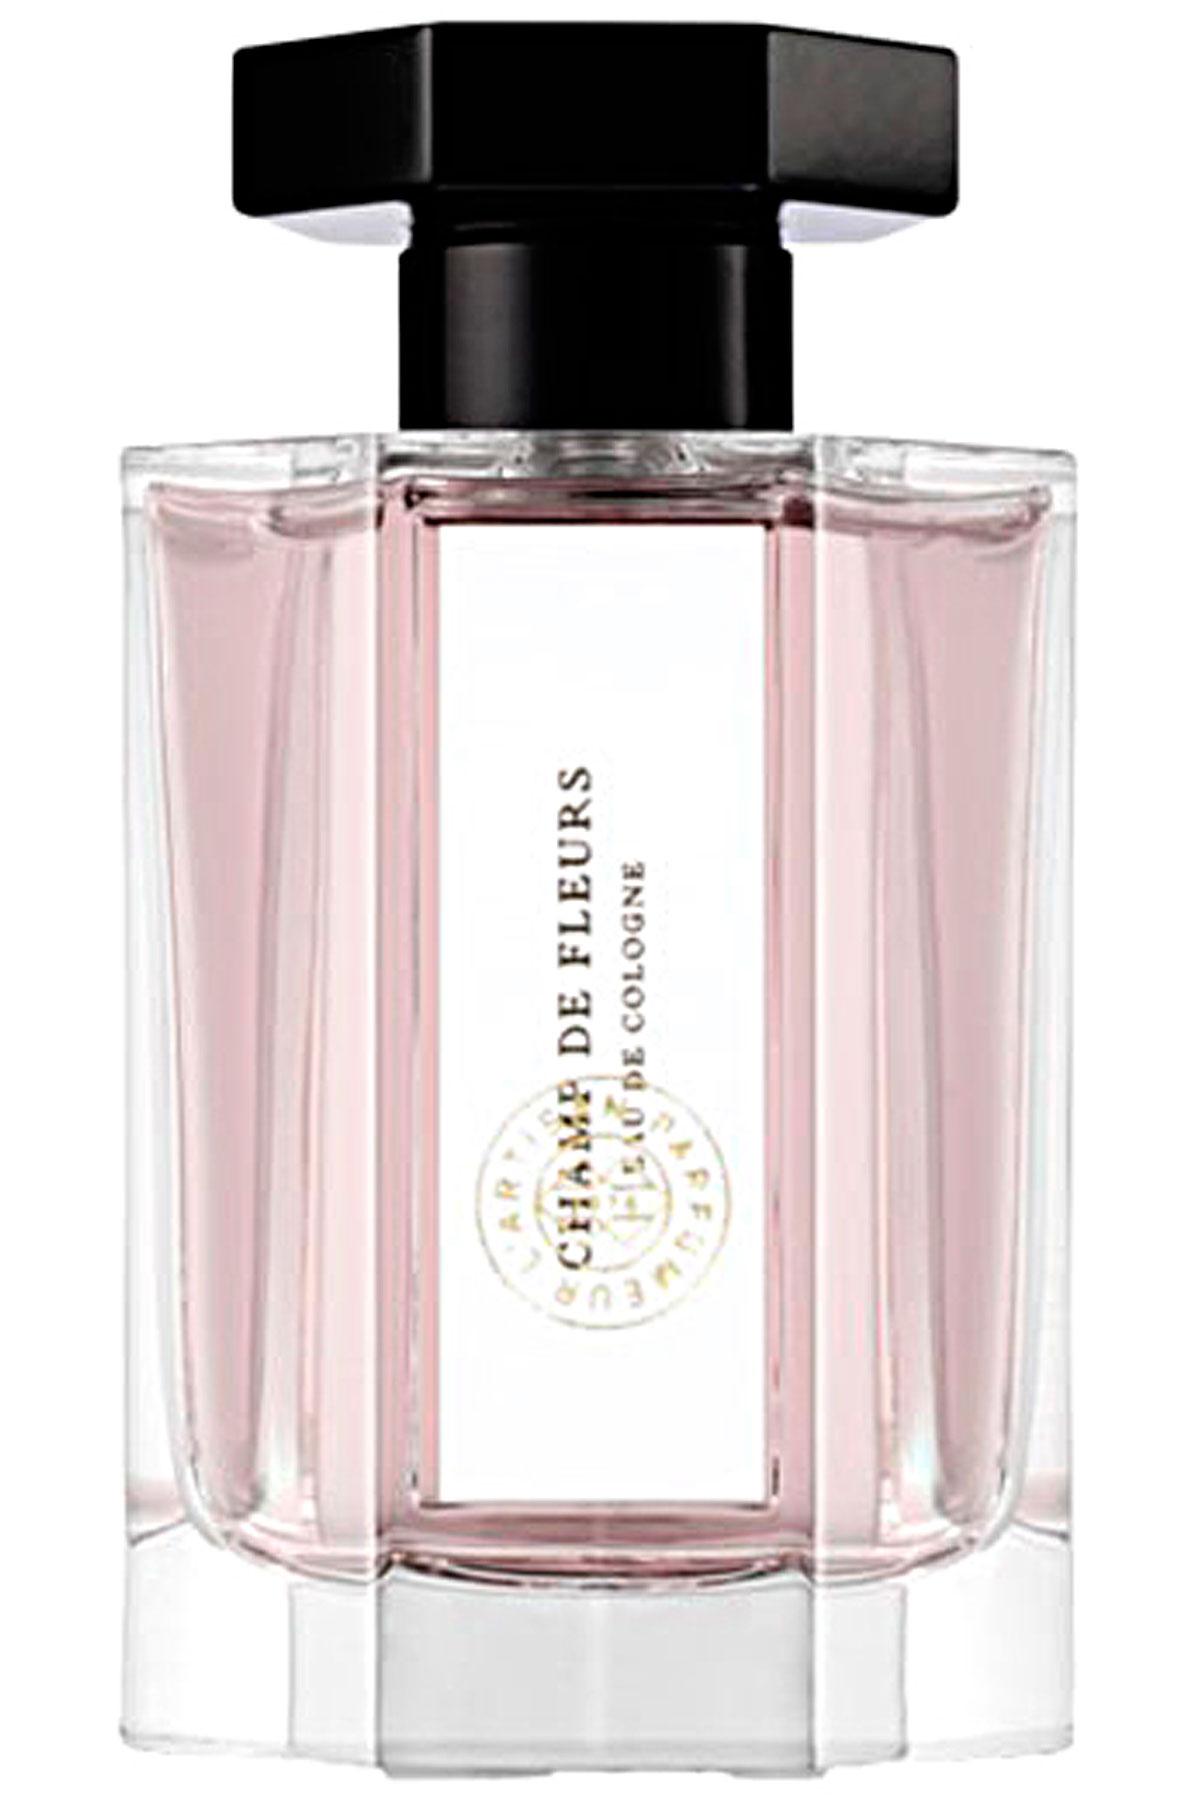 Artisan Parfumeur Fragrances for Men, Champ De Fleurs - Eau De Cologne - 100 Ml, 2019, 100 ml